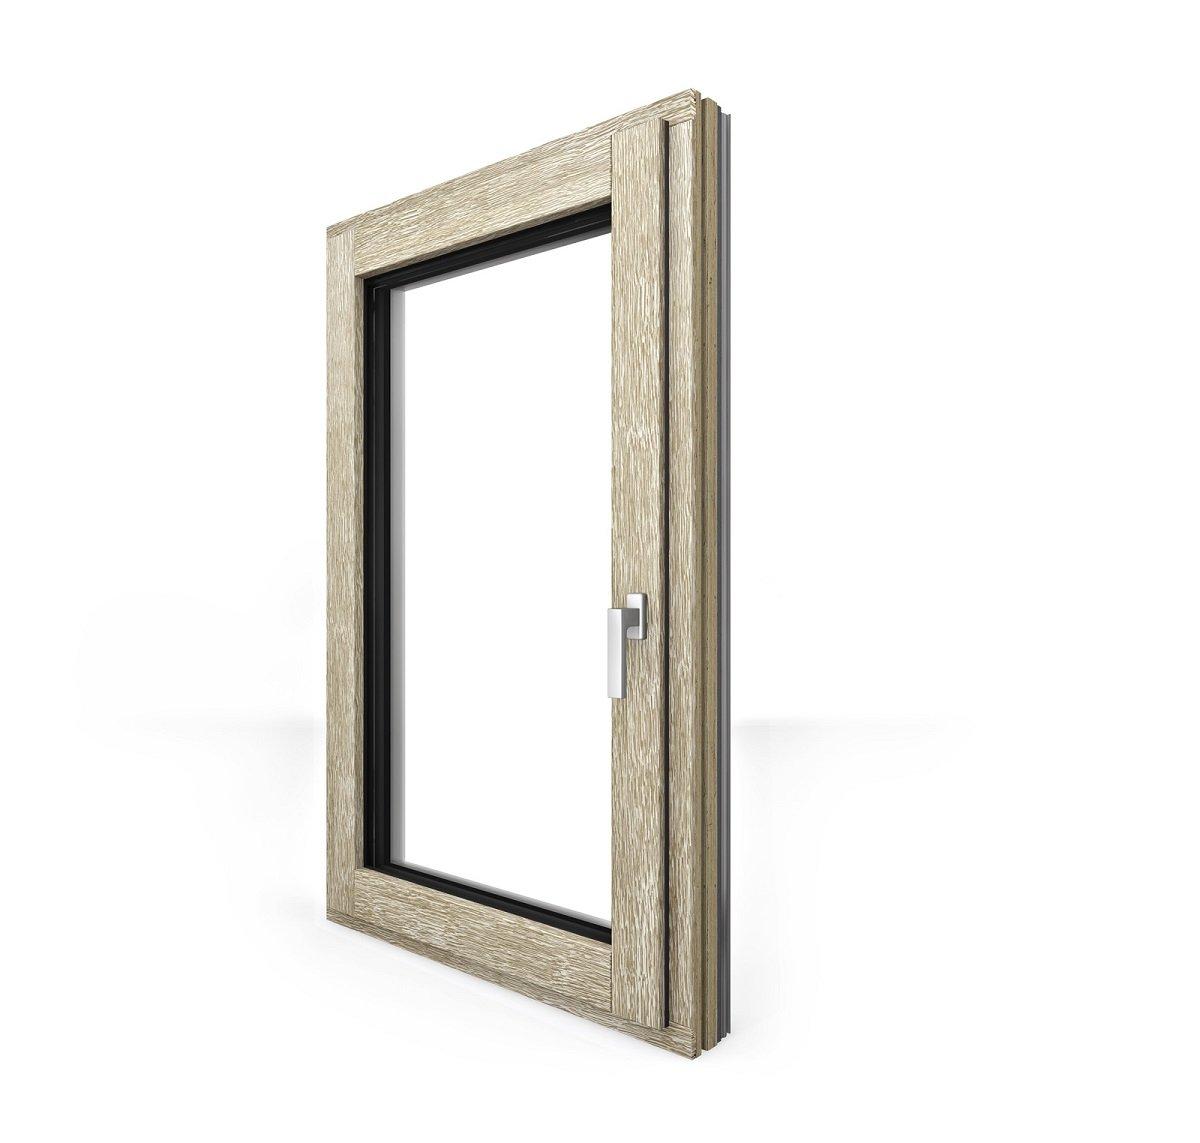 Internorm vince il klimahouse prize con la finestra hf410 - Finestre con veneziane incorporate ...